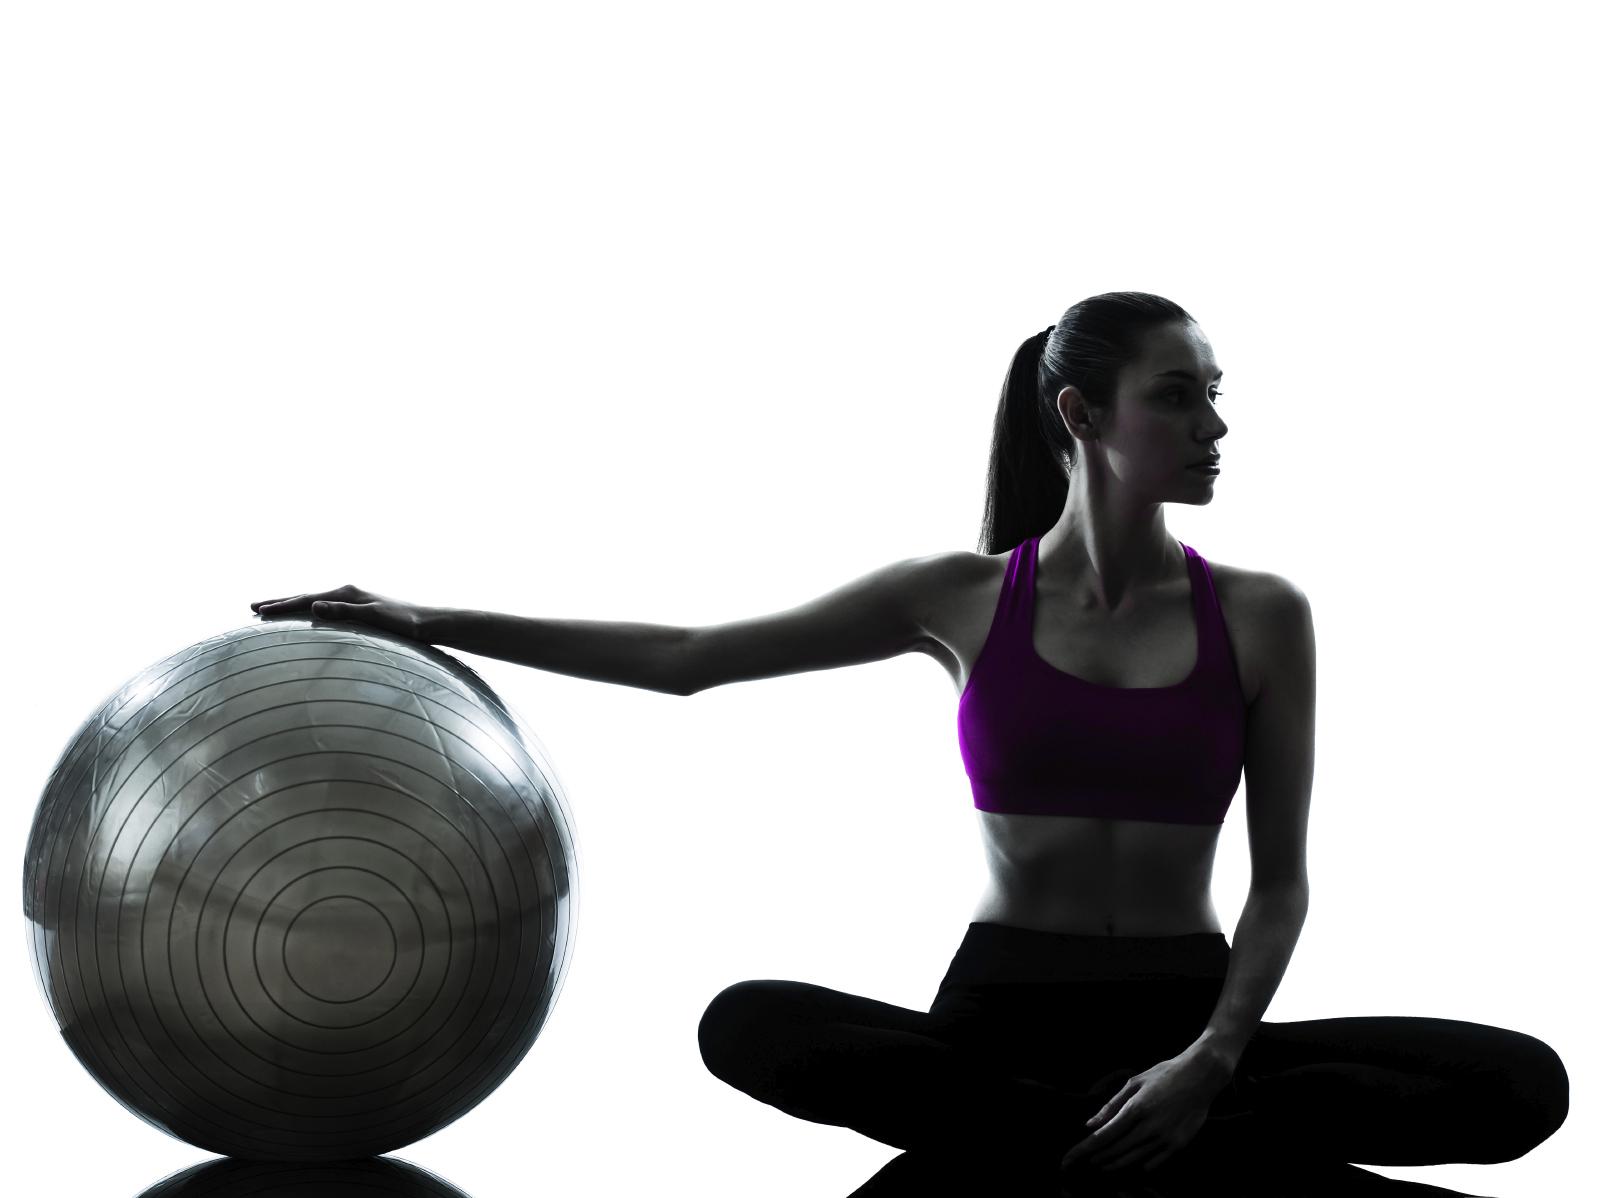 Treinamento funcional: Um recurso fisioterapêutico